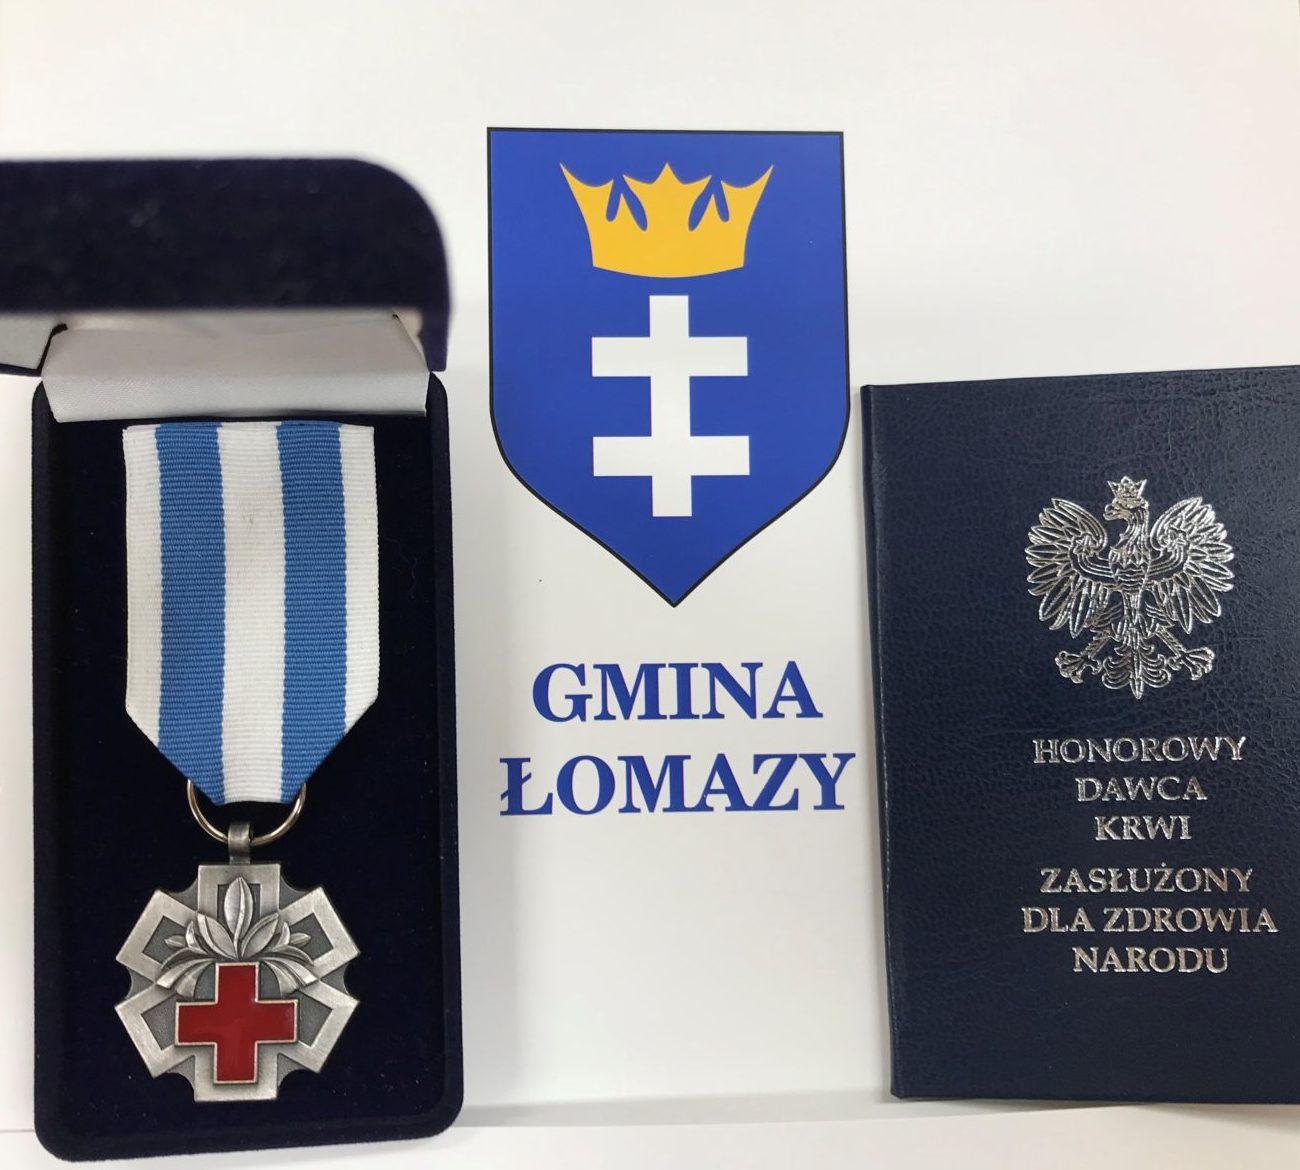 Honorowy Dawca Krwi z gminy Łomazy